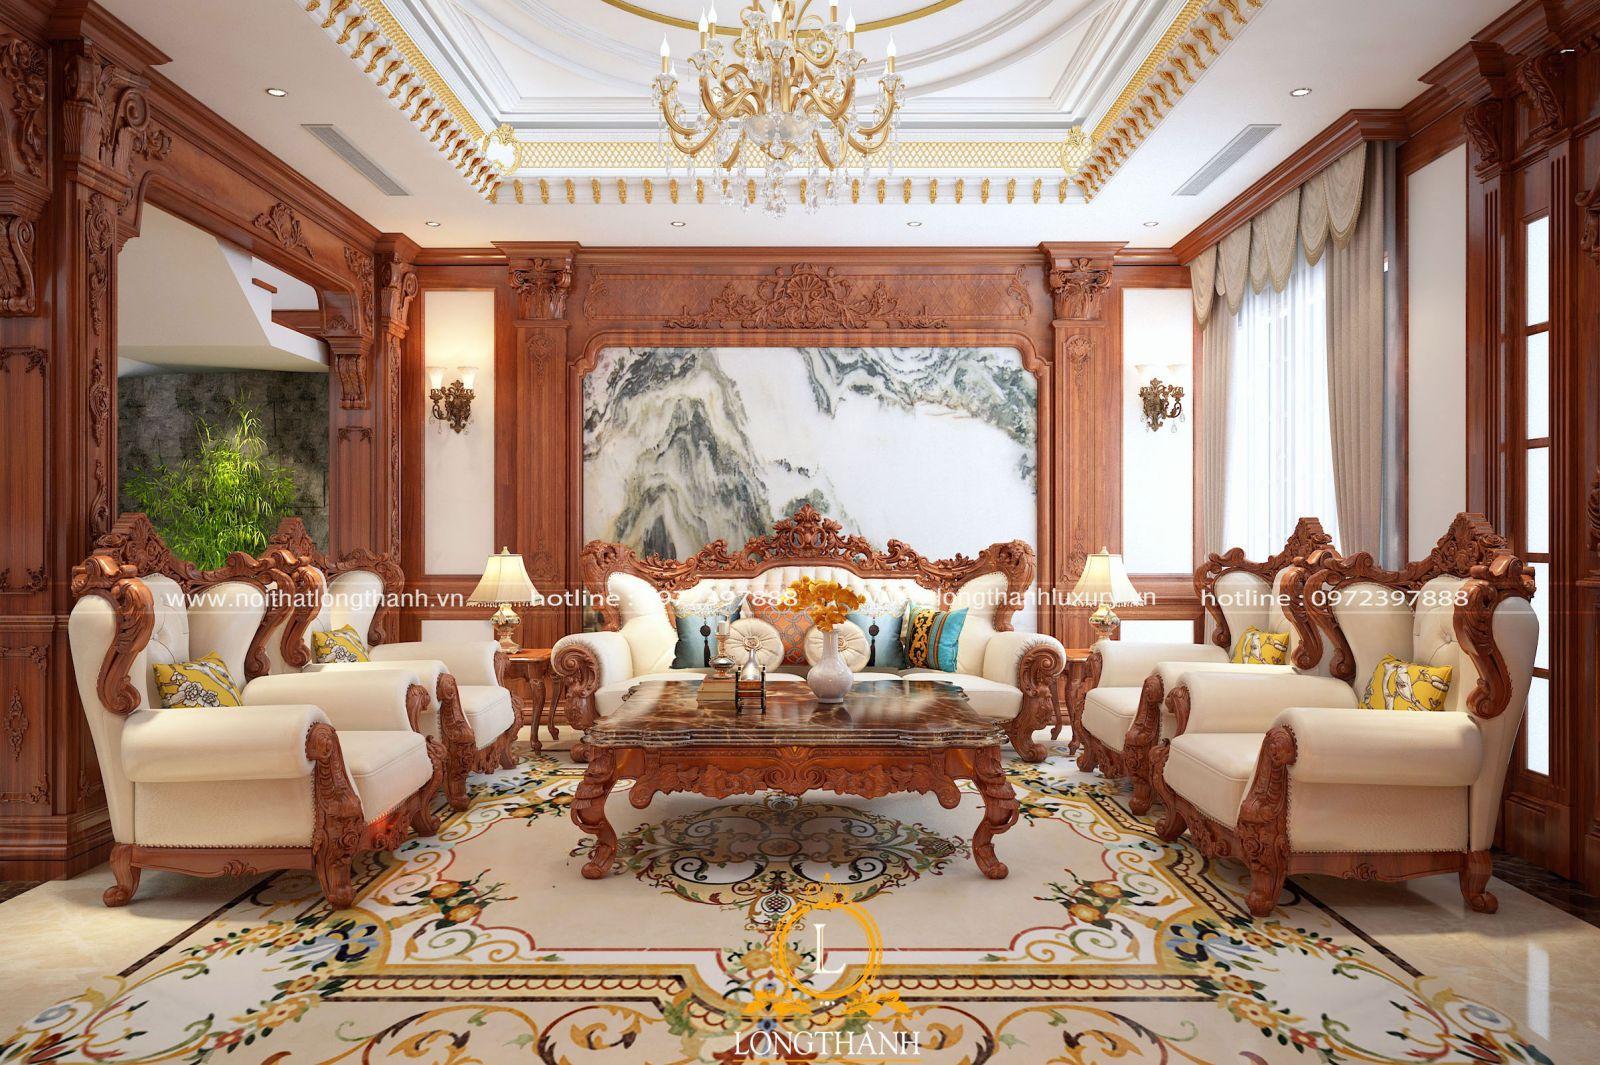 Trần thạch cao phòng khách tân cổ điển dát vàng lộng lẫy